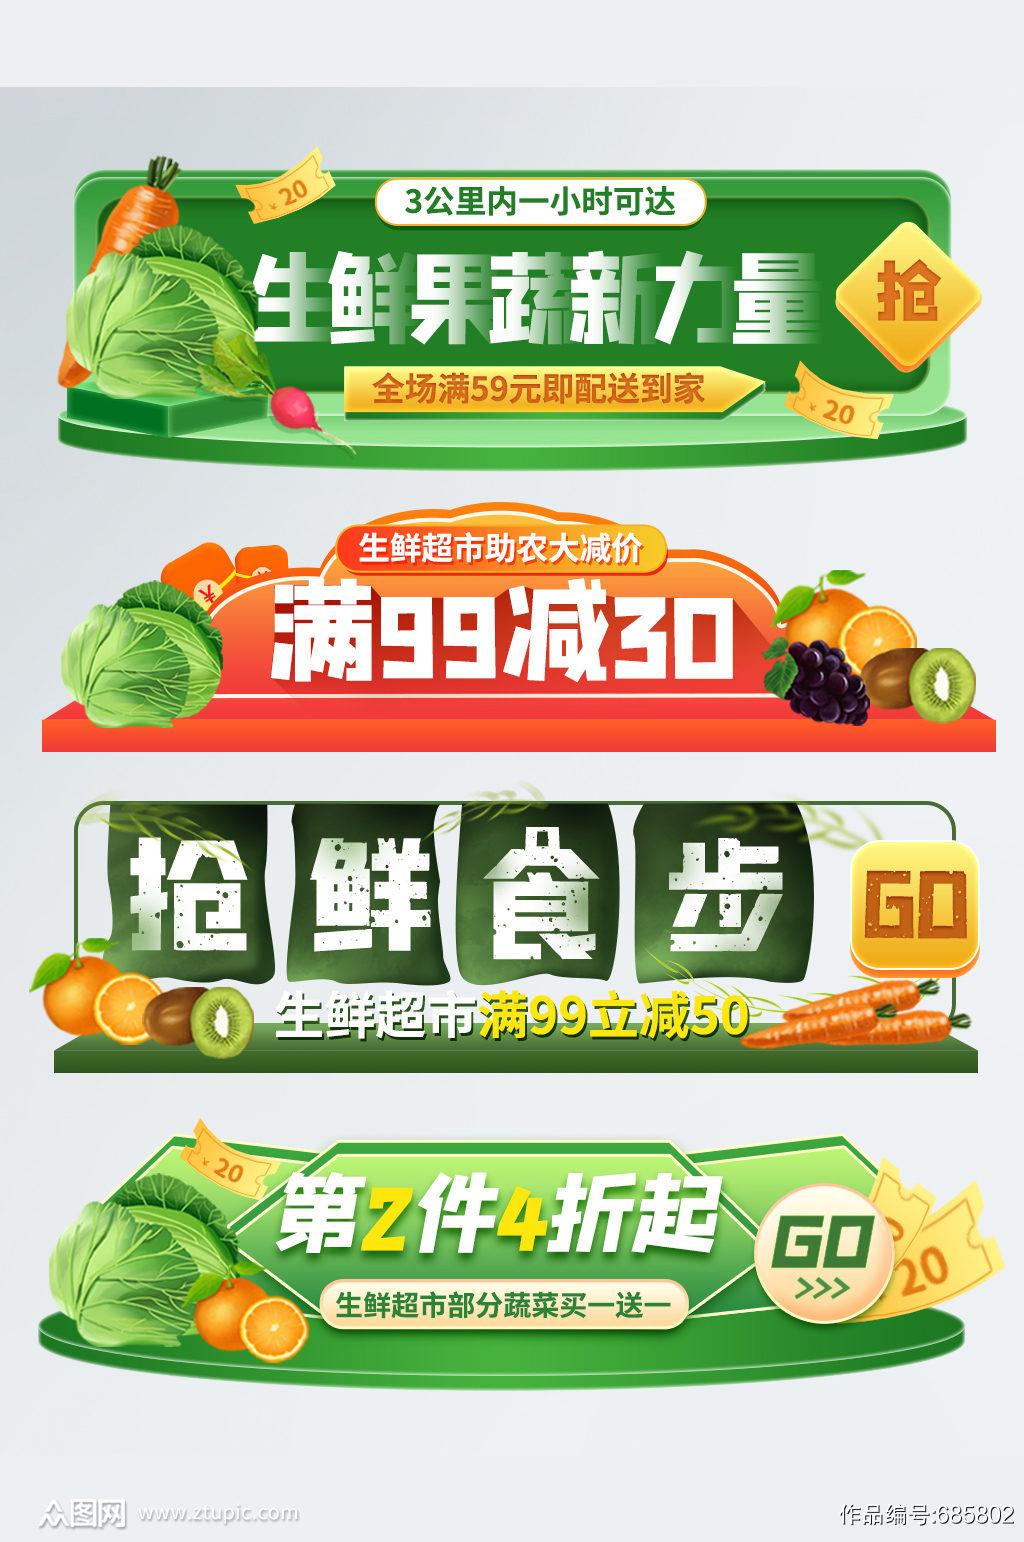 食品生鲜果蔬促销标签胶囊图活动入口图电商标签 春季电商元素素材